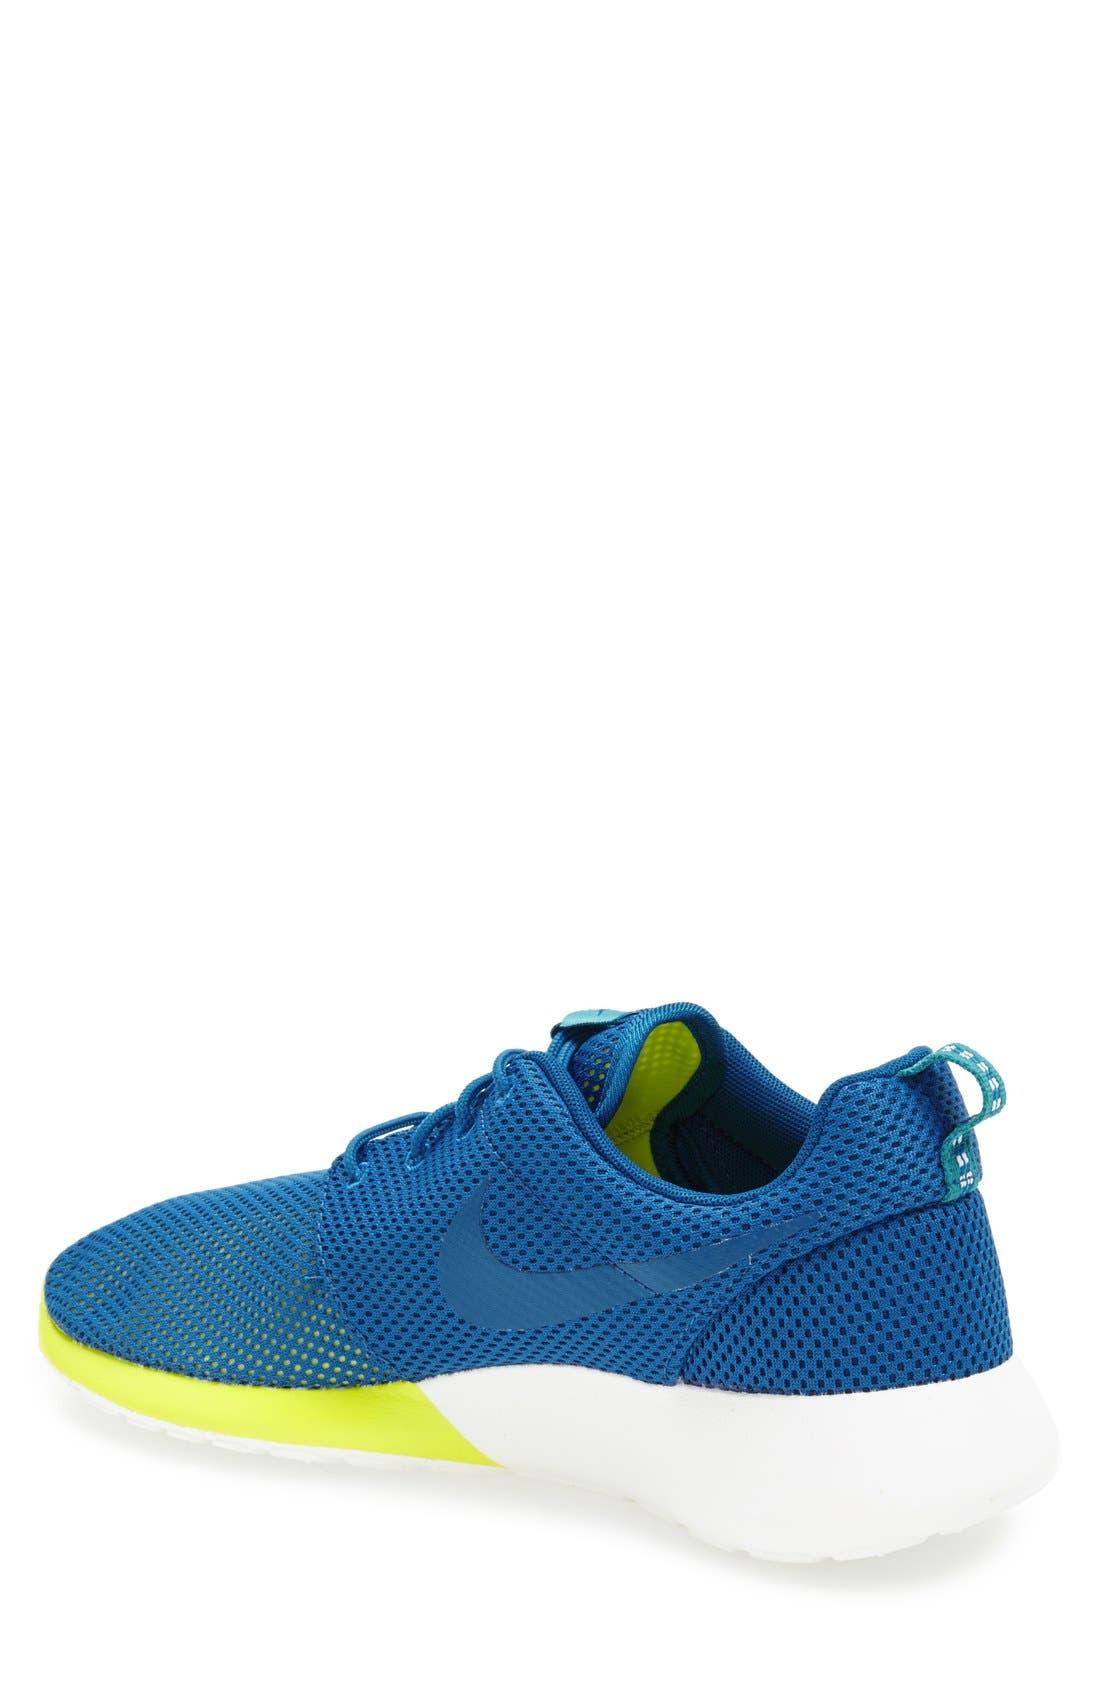 ,                             'Roshe Run' Sneaker,                             Alternate thumbnail 98, color,                             400